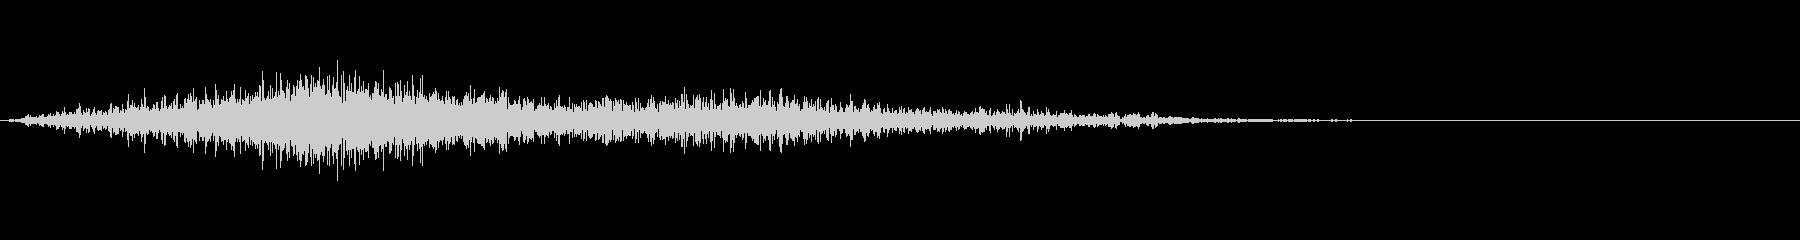 ソフトグリットフーズ1の未再生の波形